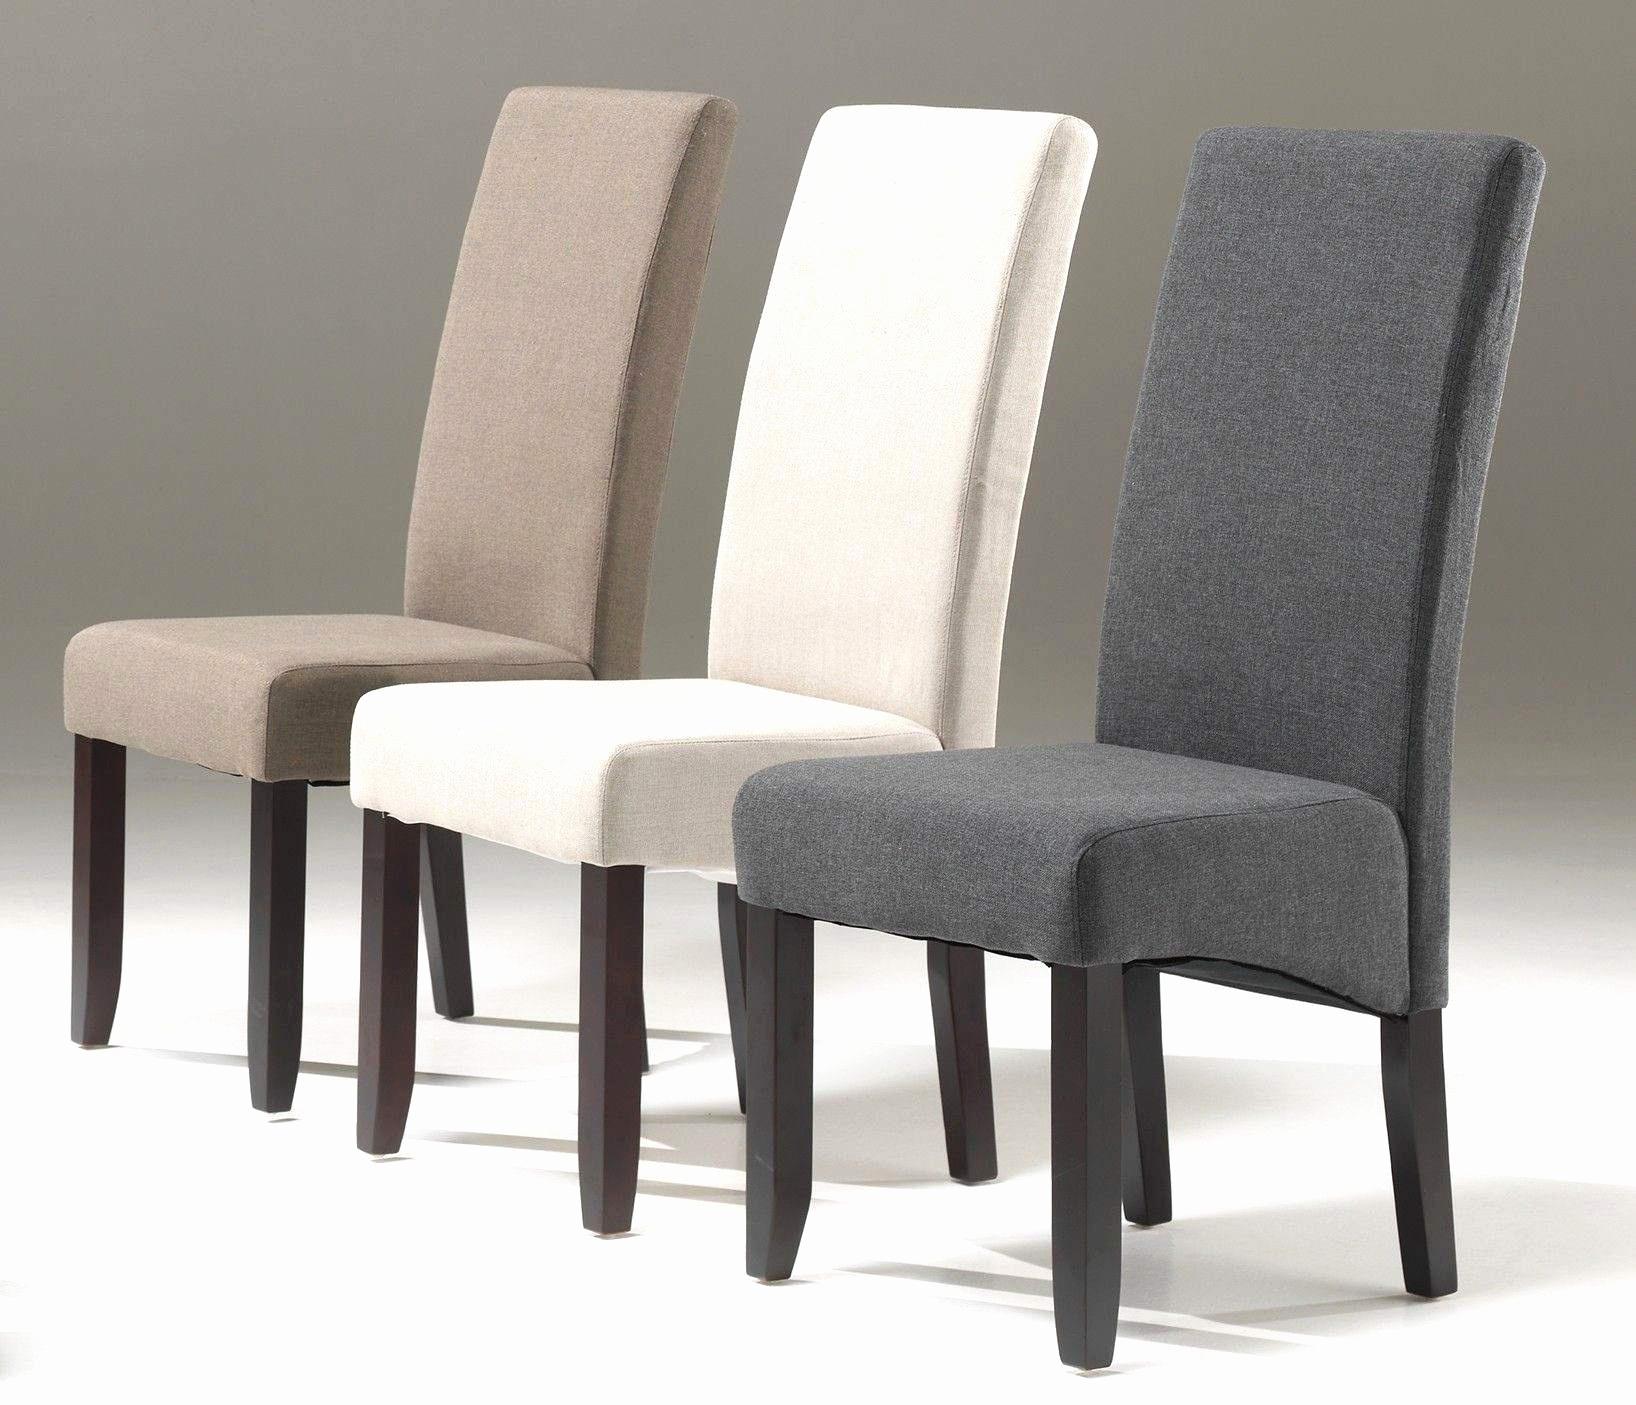 Table Avec Chaise Encastrable Conforama Impressionnant Table ... destiné Table De Jardin Conforama